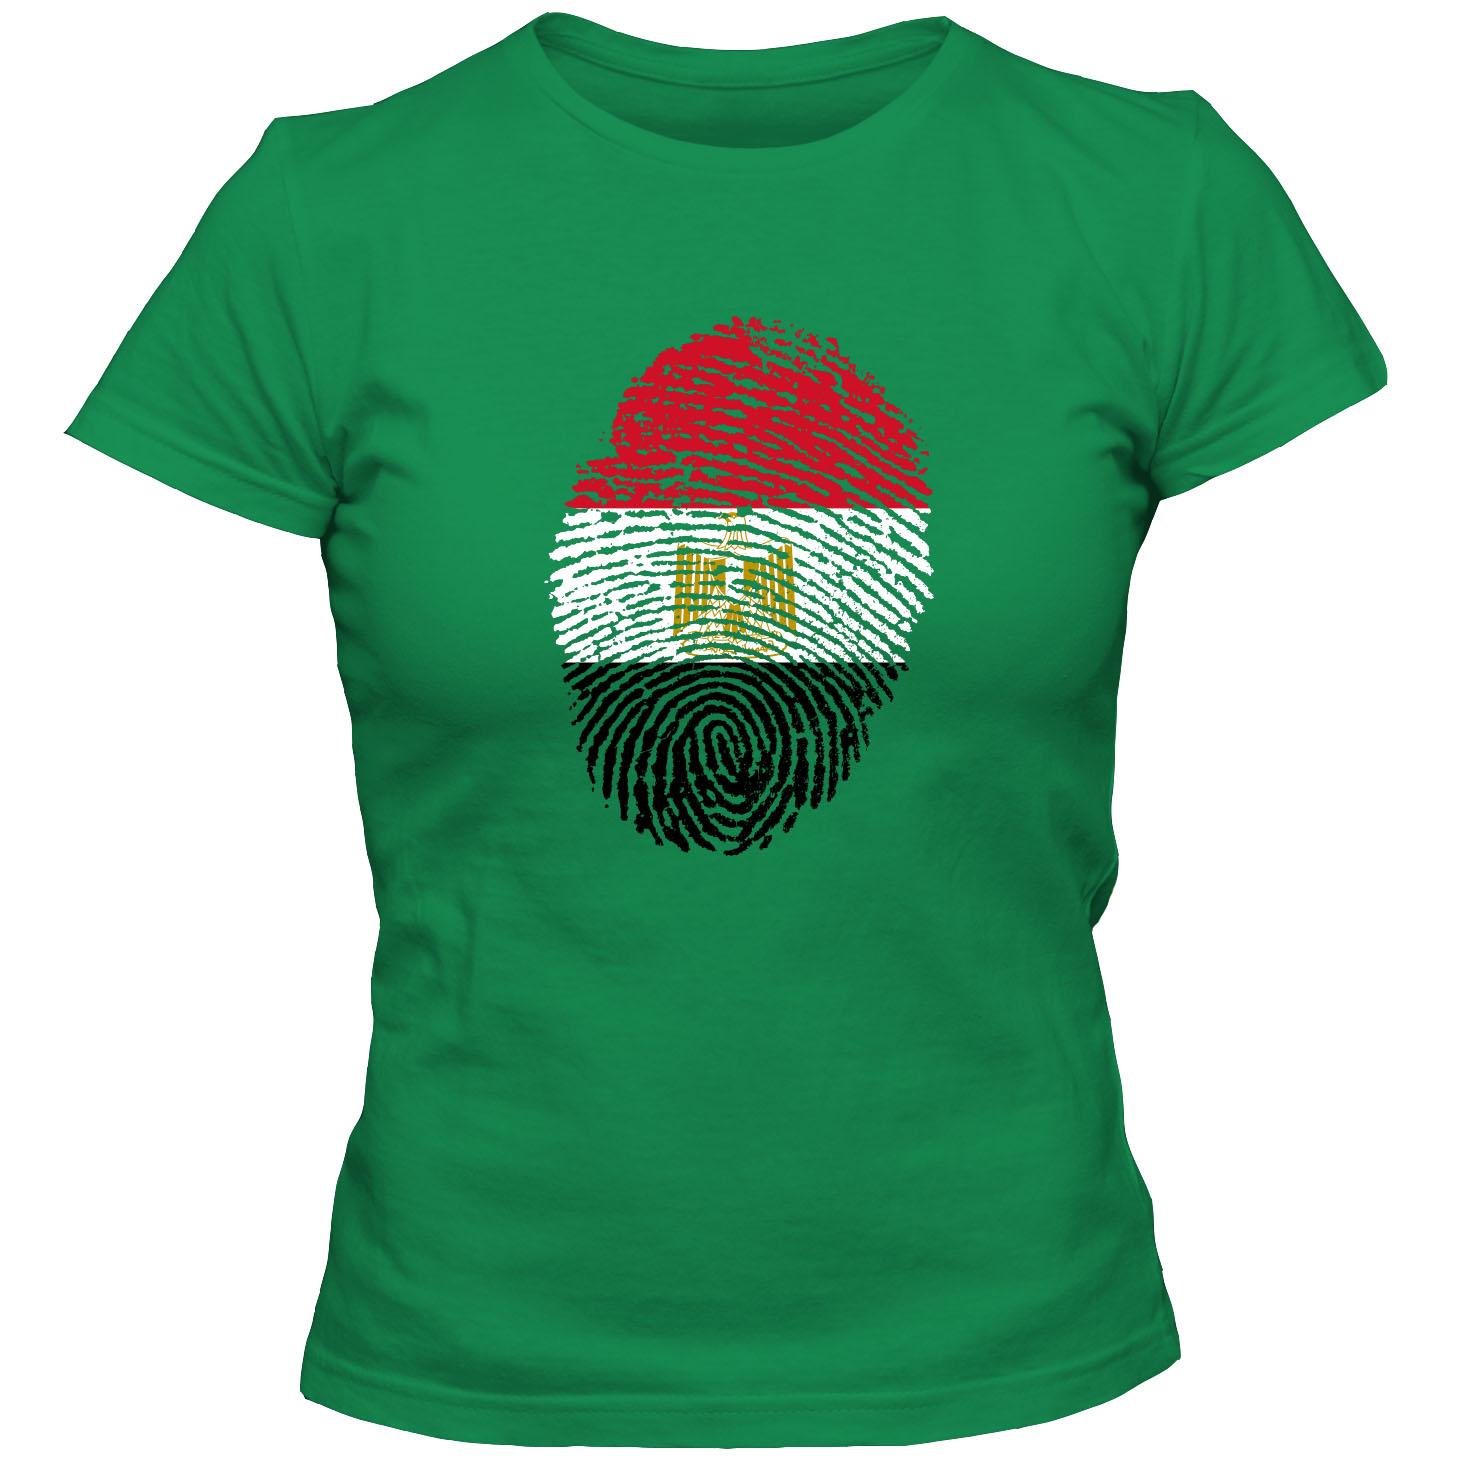 Damen T Shirt Egypt Agypten Fussball Trikot Fingerabdruck Wm